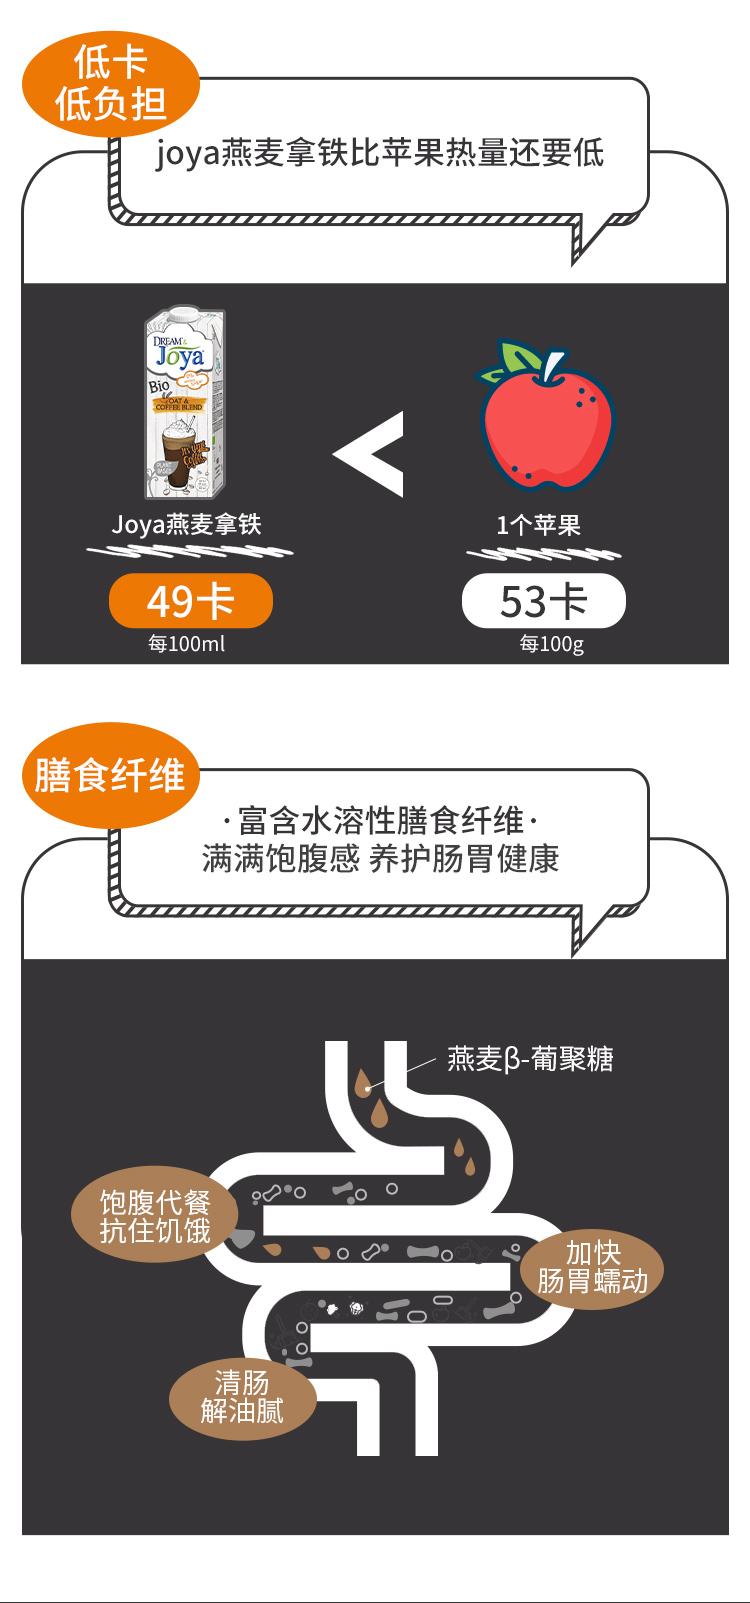 德国进口,低脂低卡0乳糖:1Lx2件 Joya 燕麦拿铁咖啡 拍2件18元包邮 买手党-买手聚集的地方